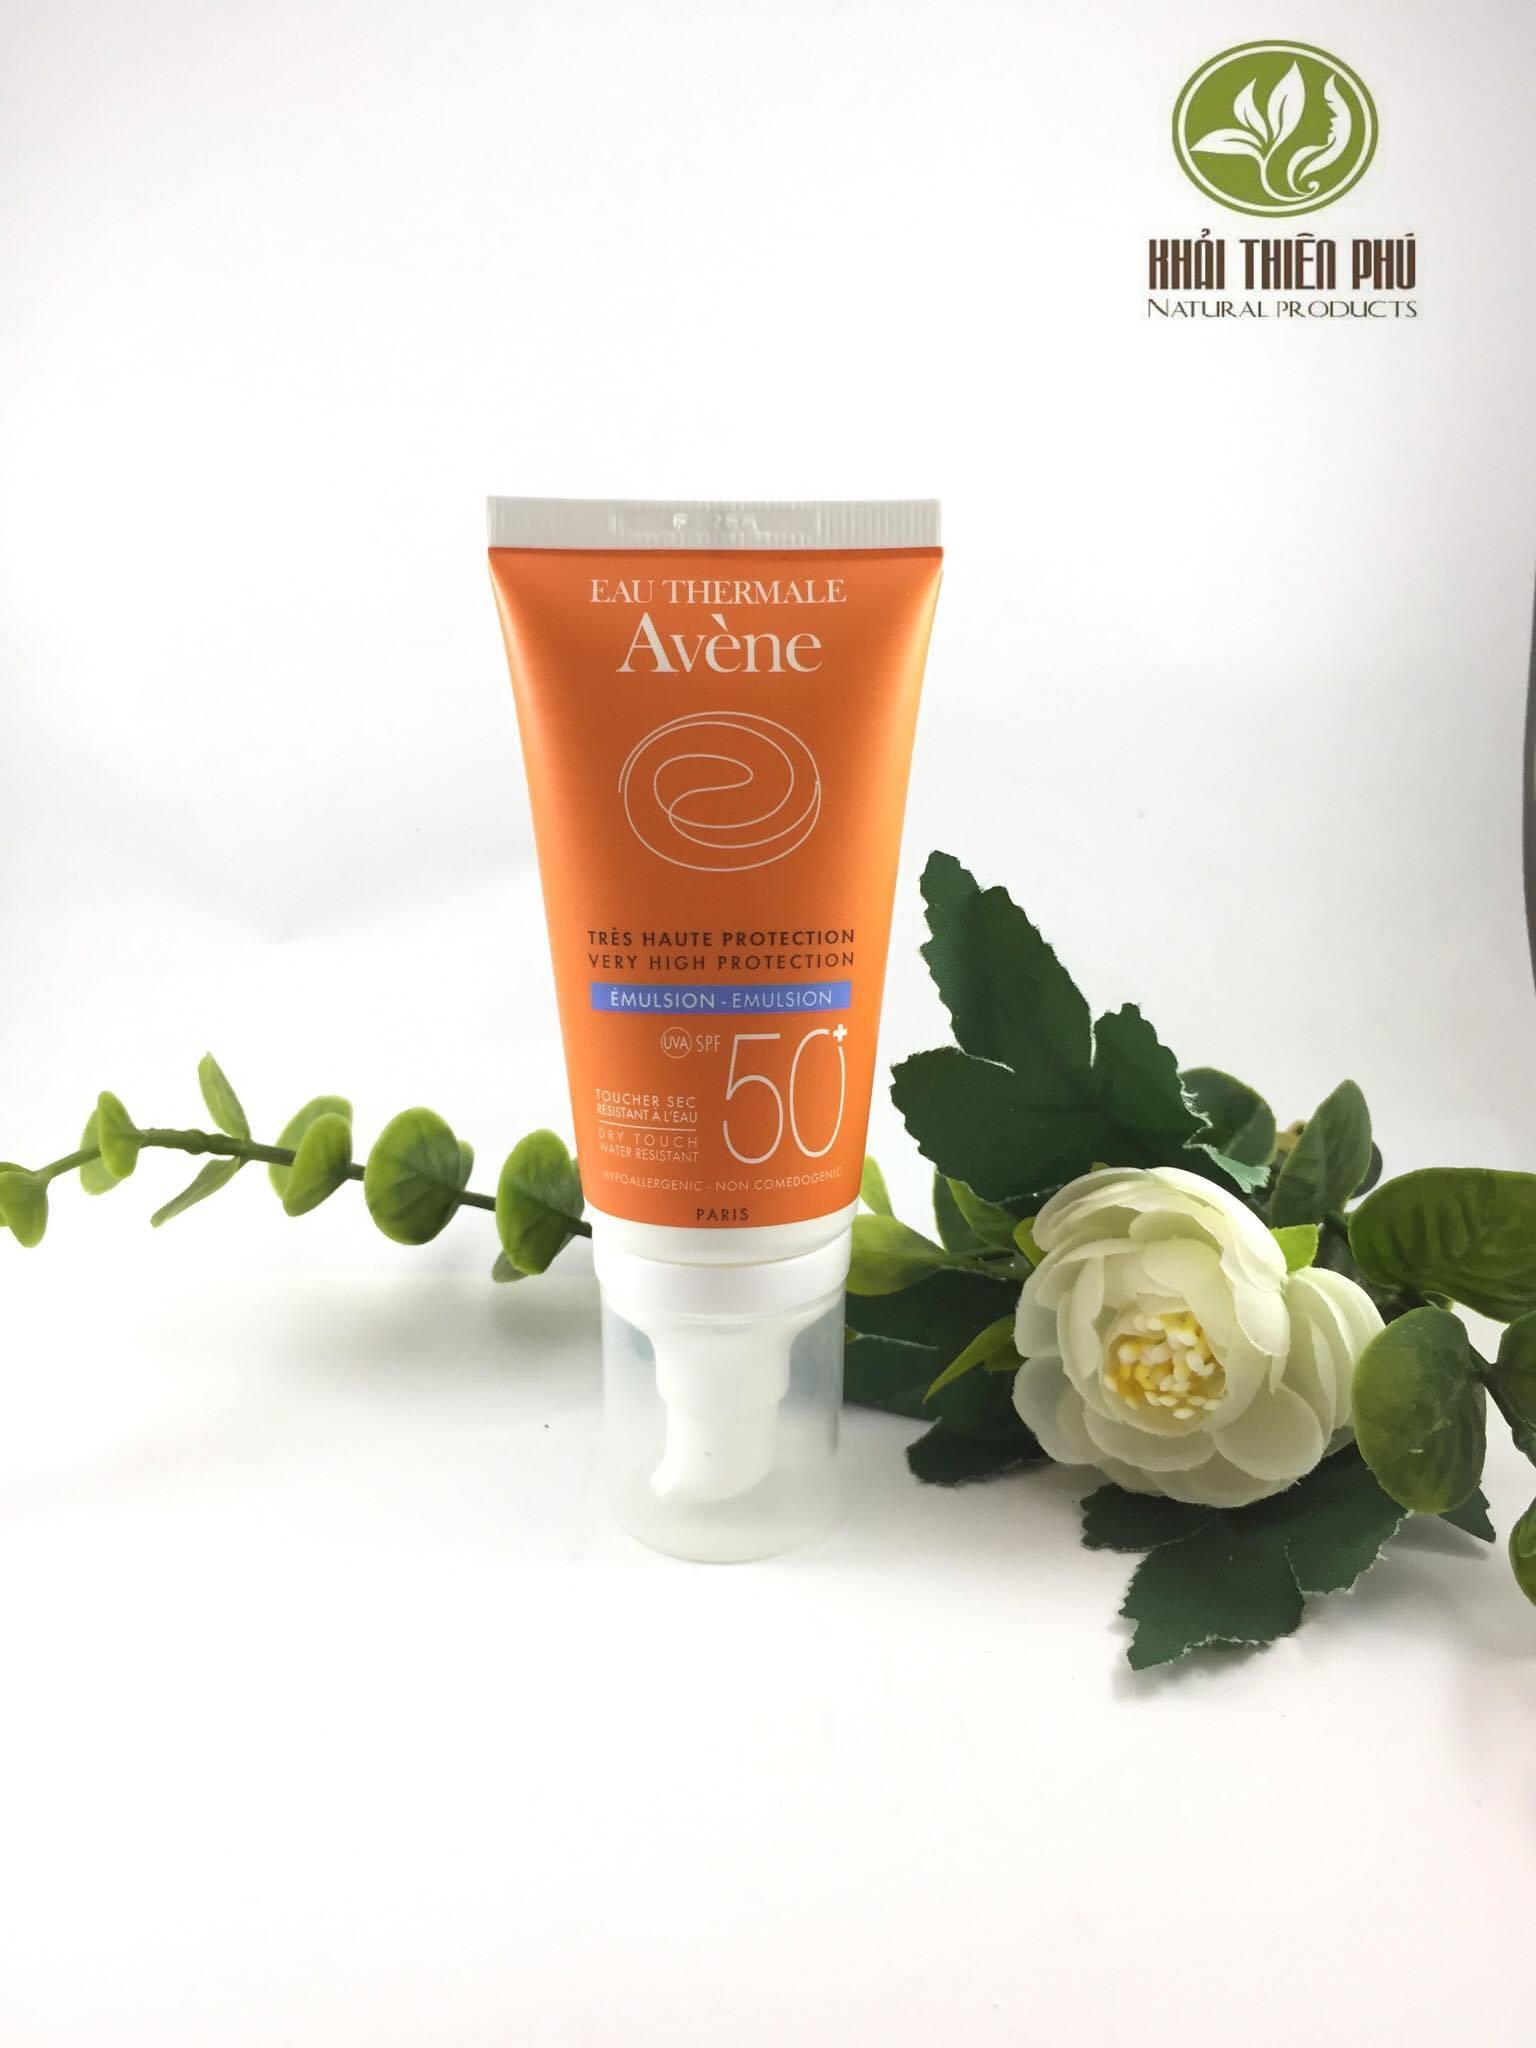 Kem chống nắng dành cho da khô & nhạy cảm Avene